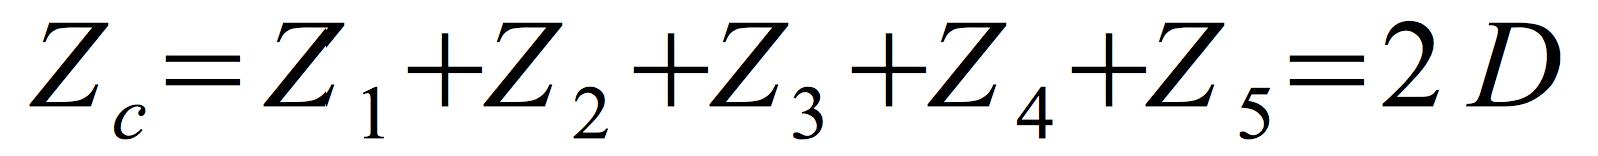 zdolność-skupiająca-układu-soczewek-wzór